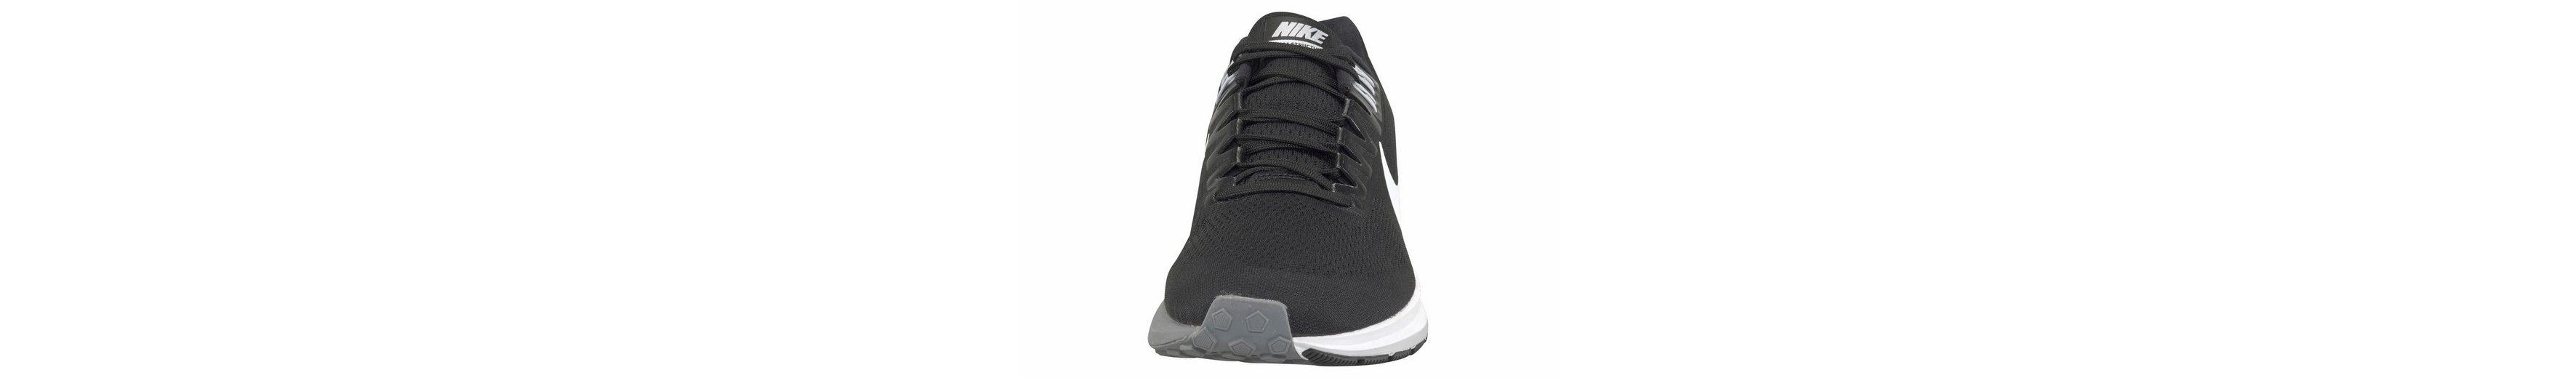 Vorbestellung Neue Online-Verkauf Nike Air Zoom Structure Laufschuh Günstig Kaufen Genießen 2018 Neuer Günstiger Preis mWjtmNEkDv